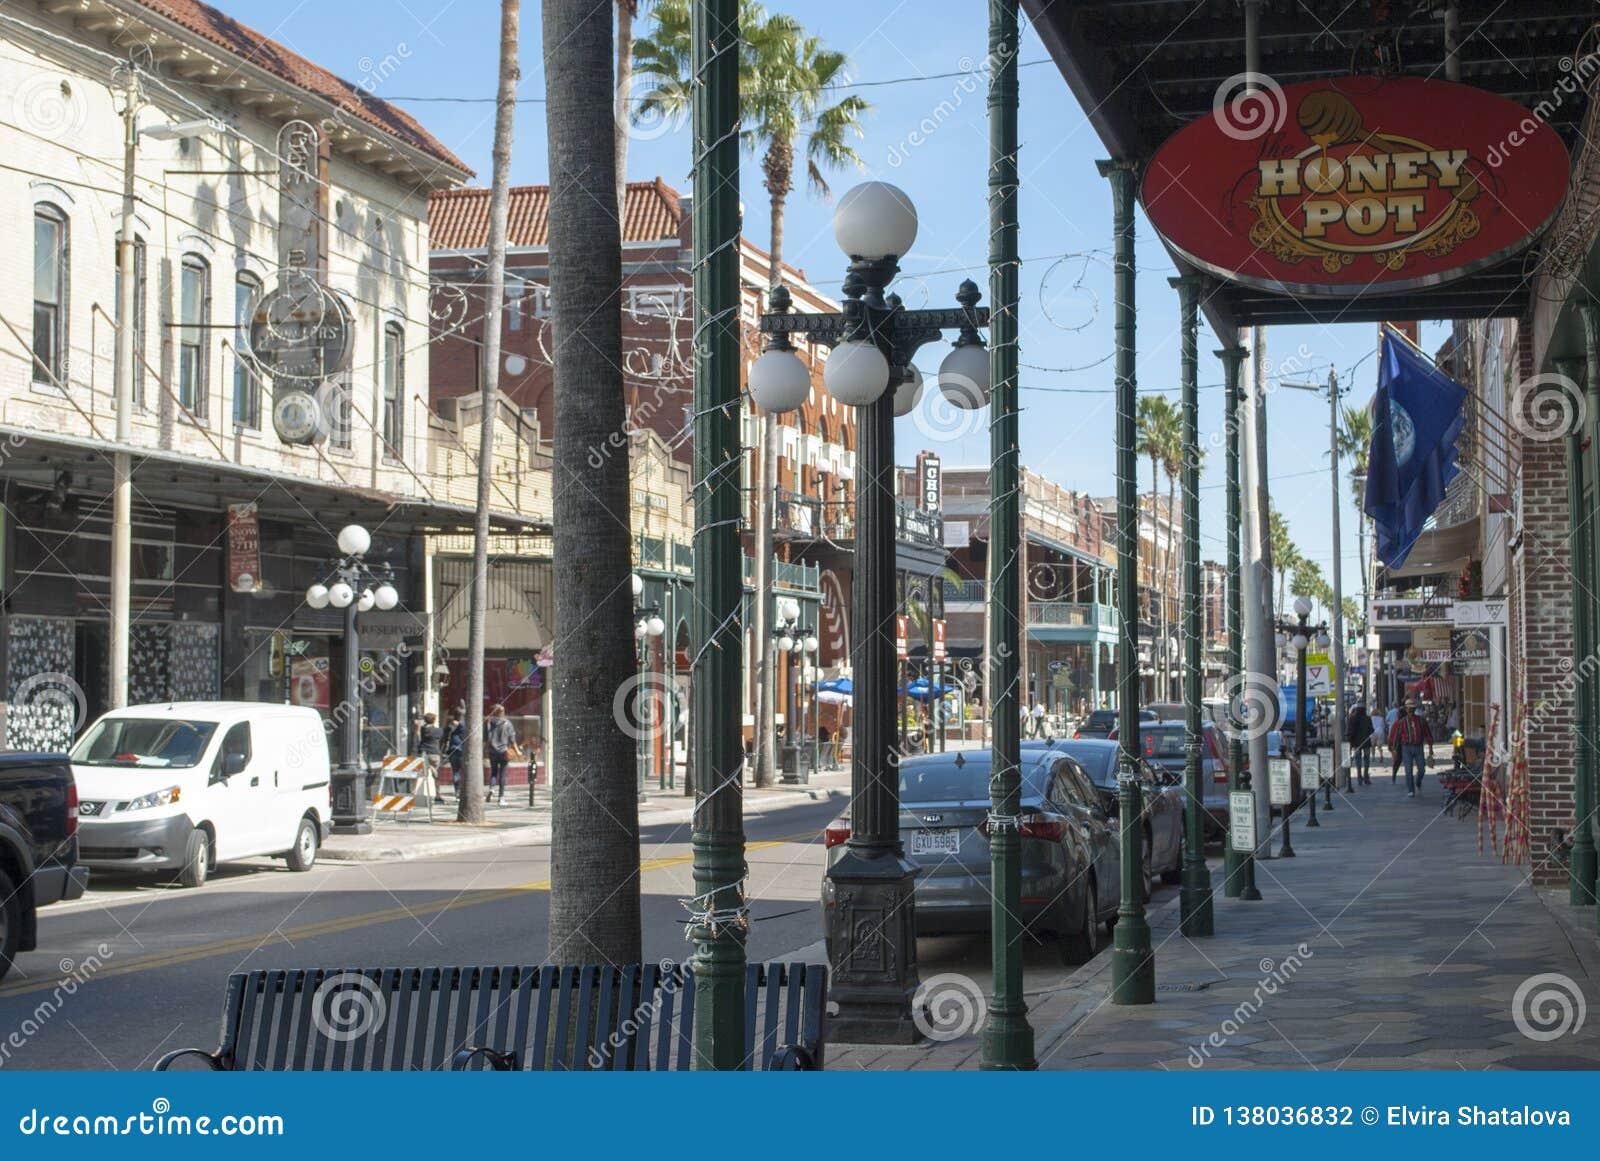 Tampa, calle famosa de la ciudad de Ybor 7ma con las tiendas, restaurantes, coches, el caminar de la gente